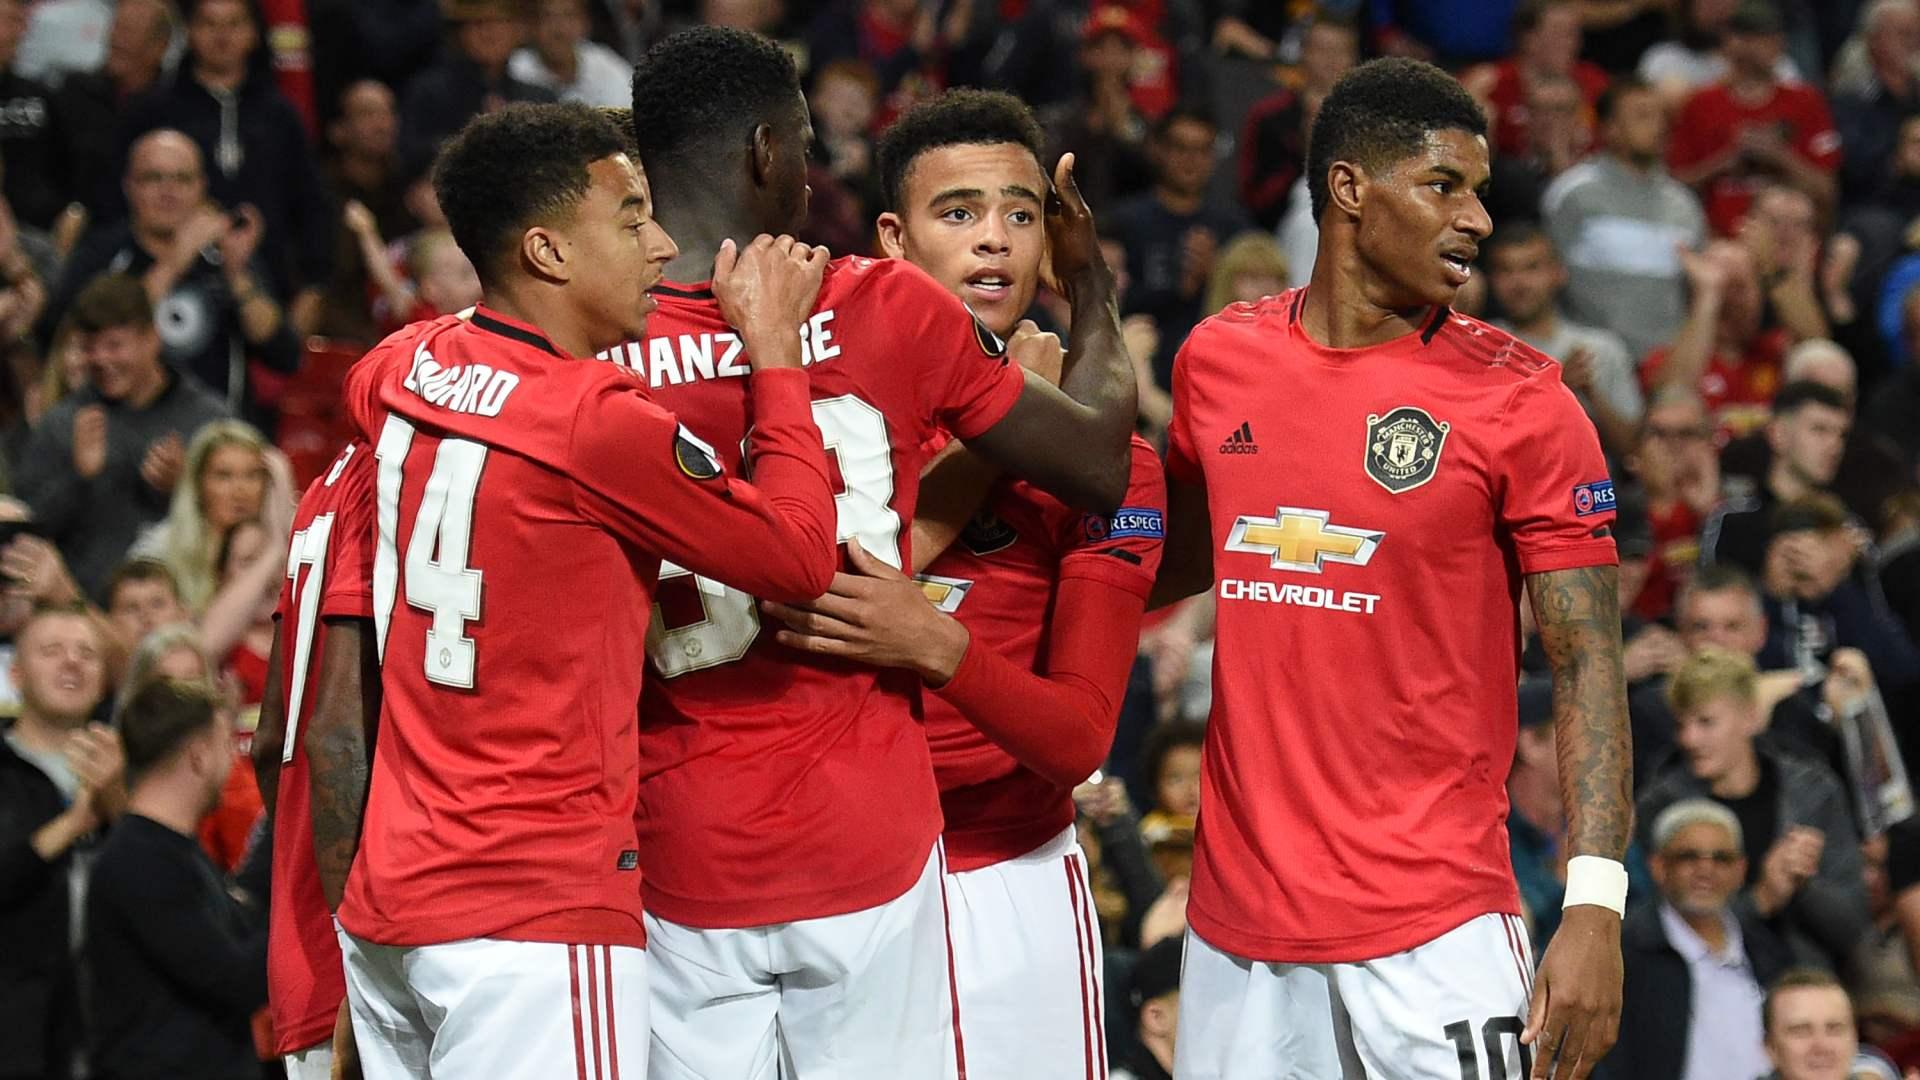 il manchester united punta in alto piu di 500 milioni dallo sponsor il manchester united punta in alto piu di 500 milioni dallo sponsor